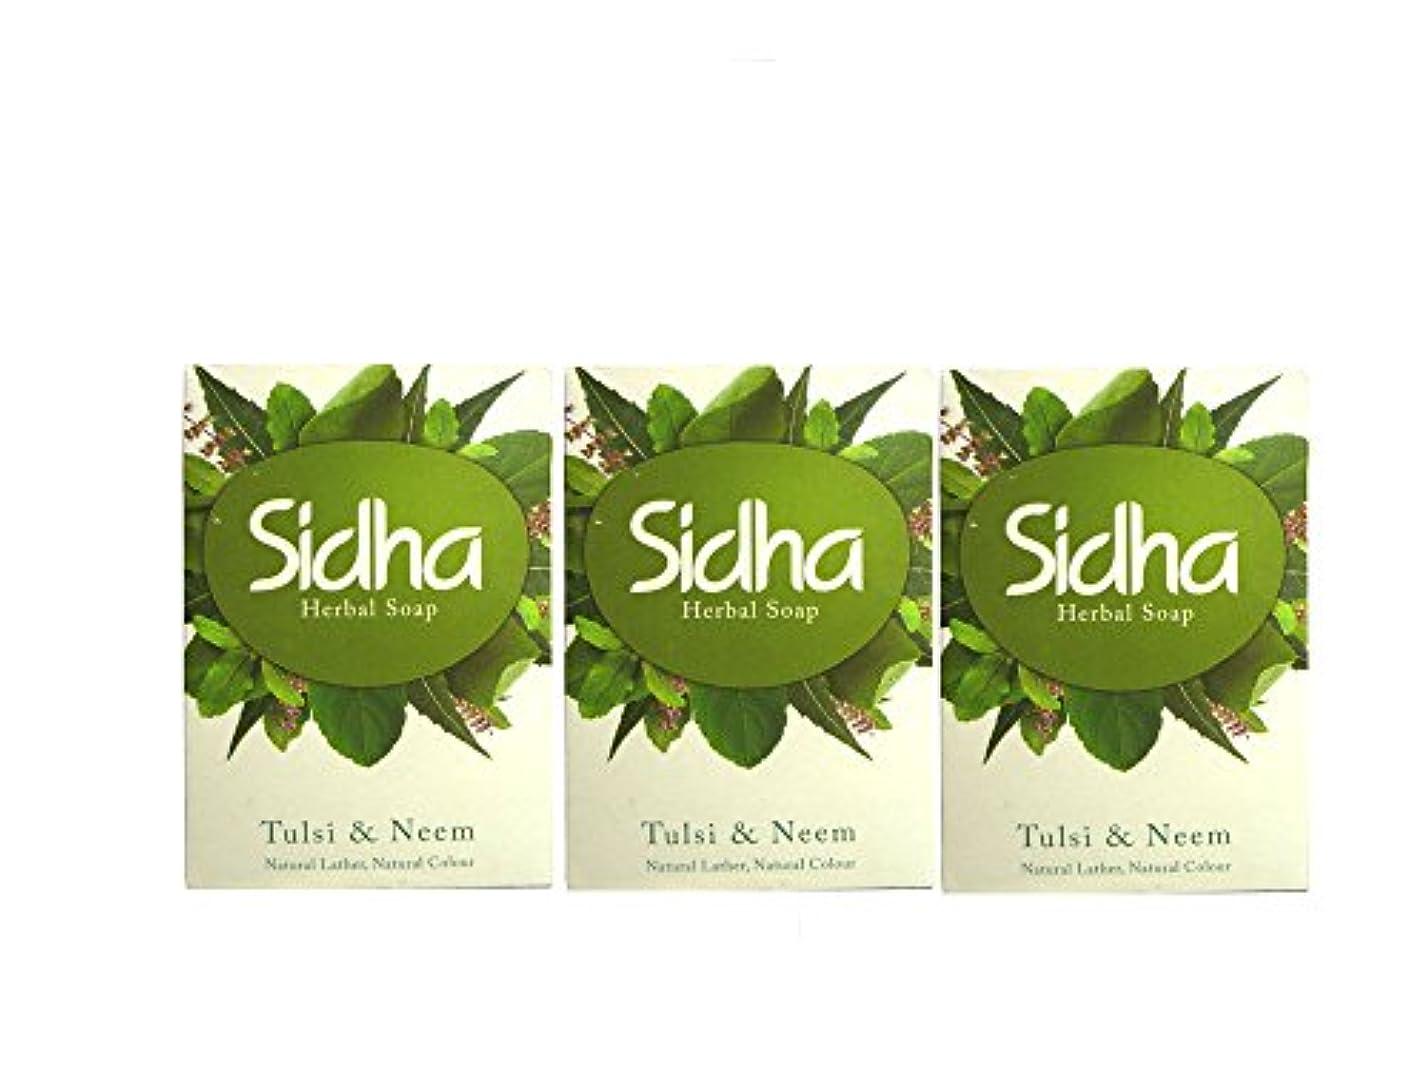 しなやかな赤面受け皿SIHDH Herbal Soap Tulsi & Neem シダー ハ-バル ソープ 75g 3個セット